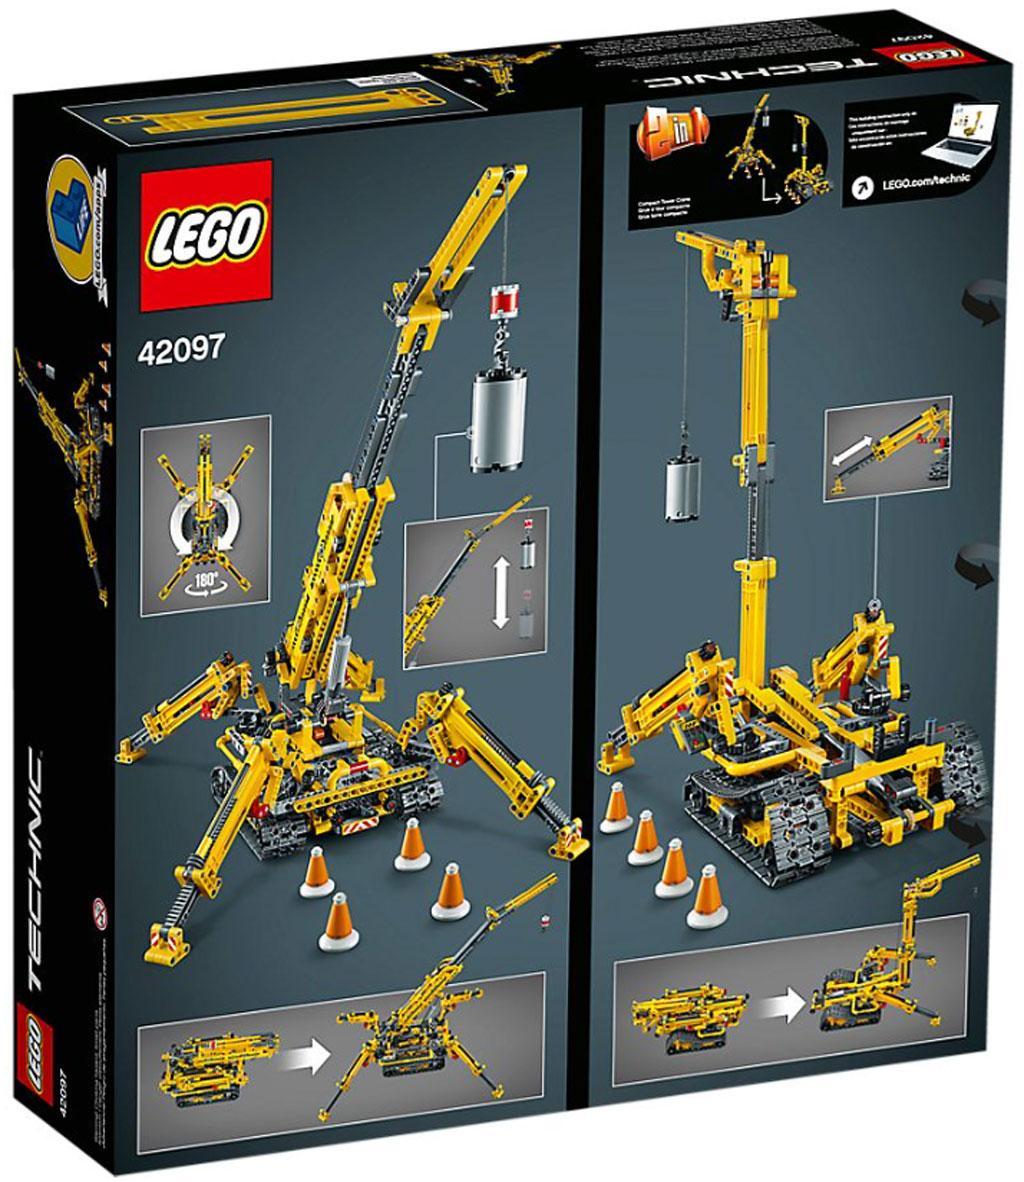 lego-technic-spinnen-kran-42097-box-rueckseite-2019 zusammengebaut.com